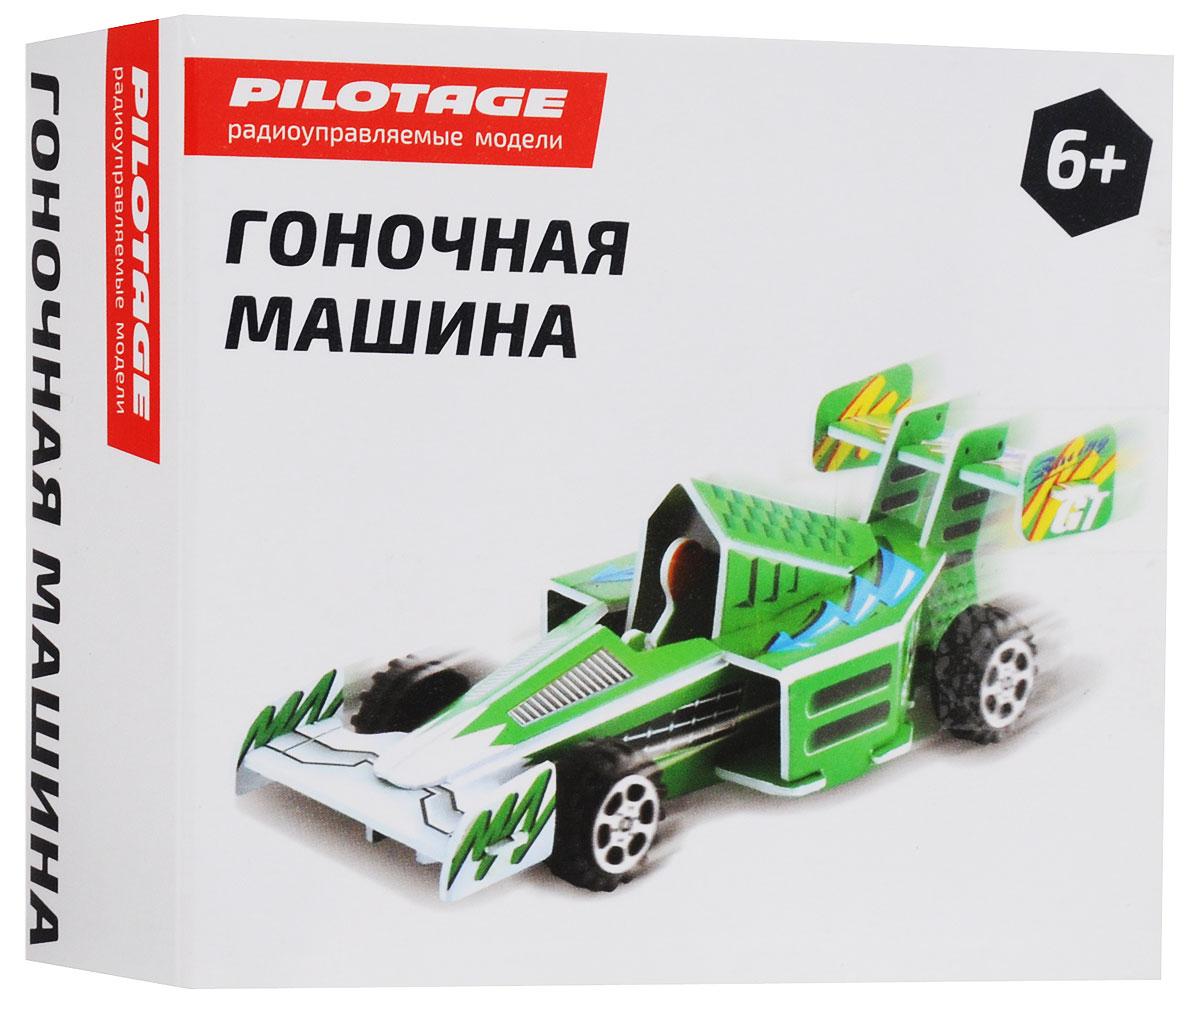 Pilotage 3D Пазл Гоночная машина цвет зеленый